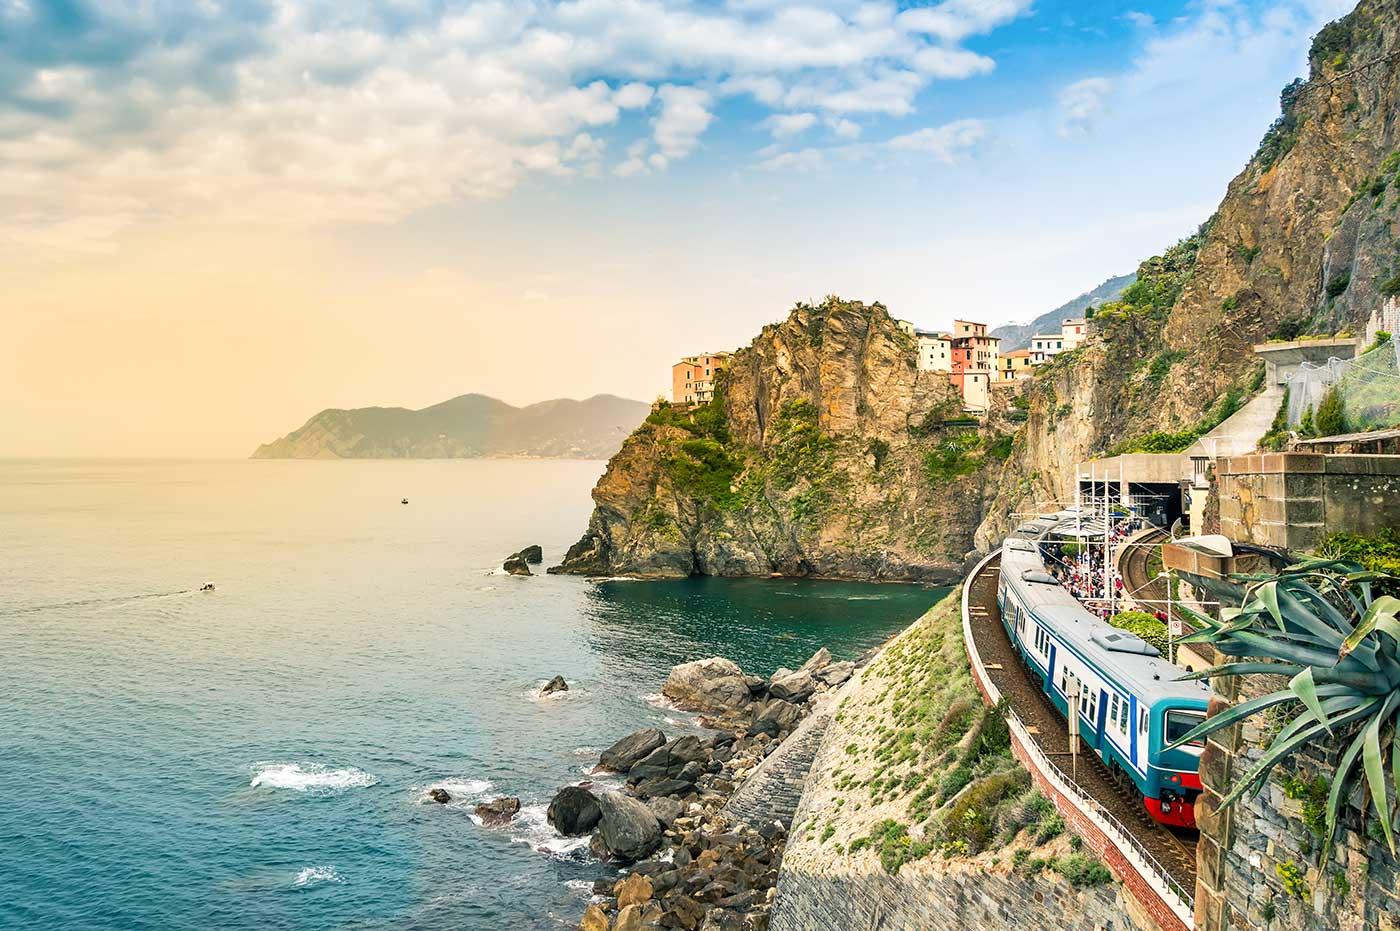 Tour in Italy Cinque Terre